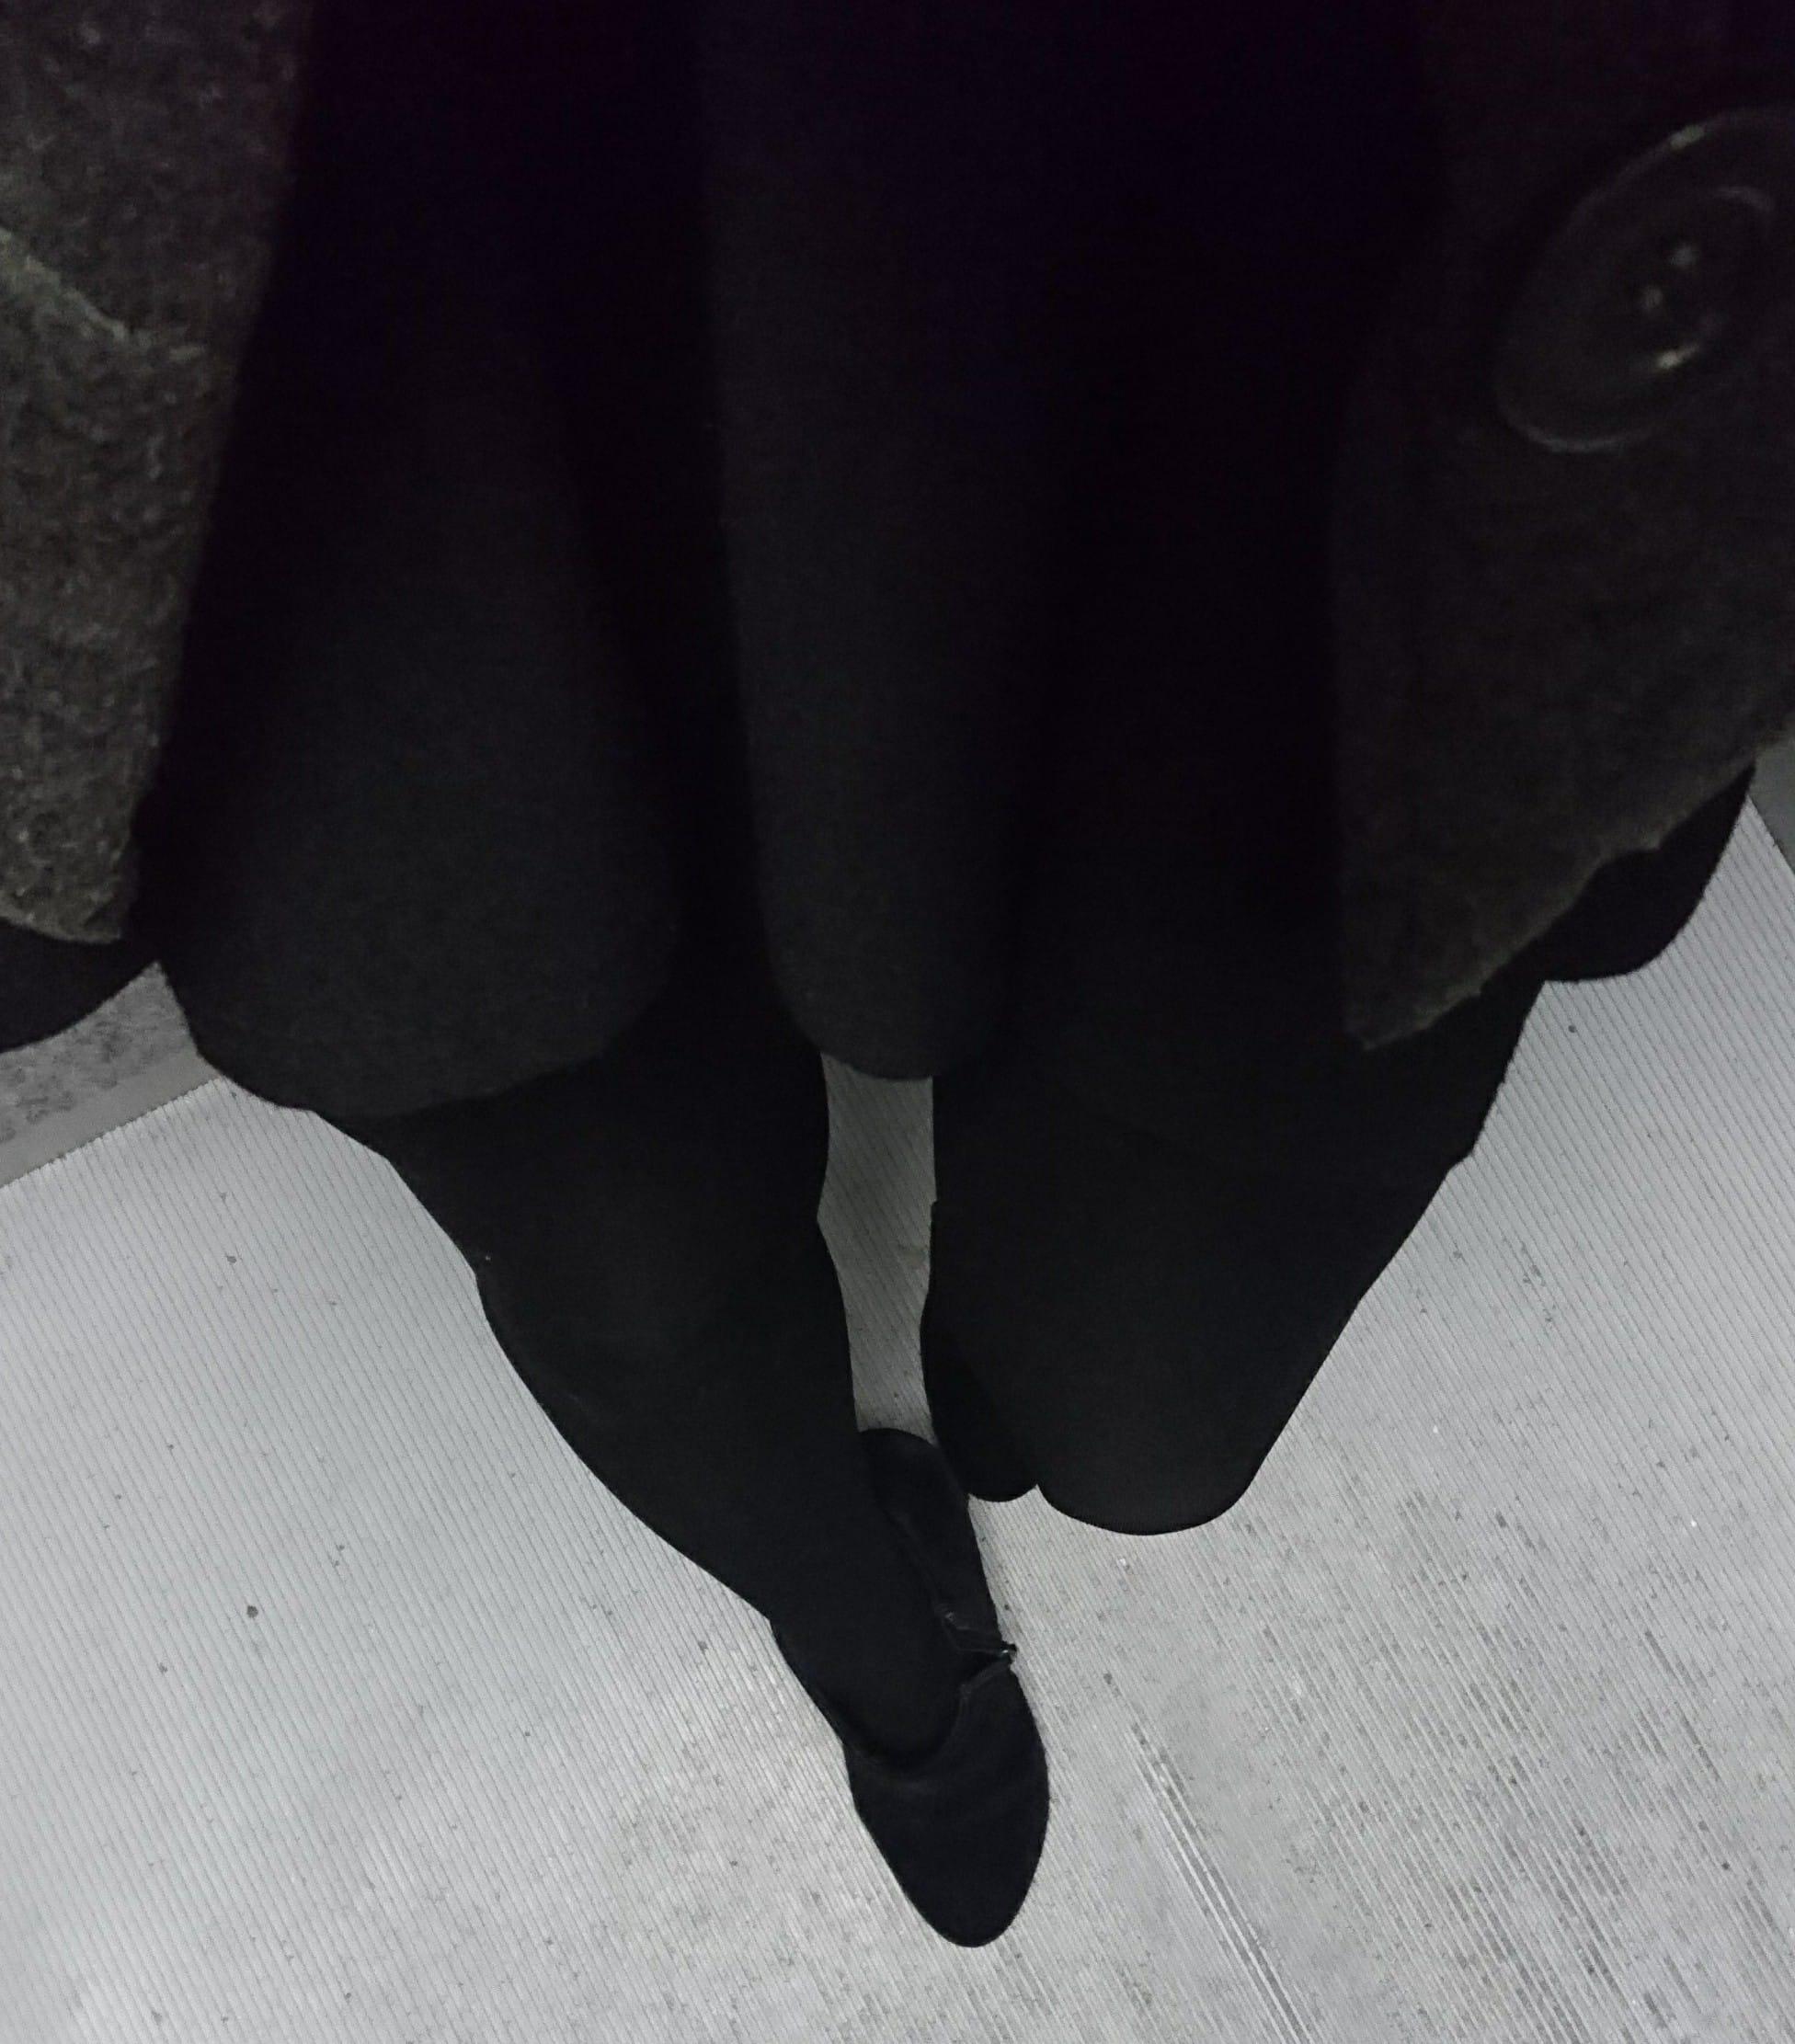 七瀬 雪乃「足が棒。」03/02(金) 00:06 | 七瀬 雪乃の写メ・風俗動画